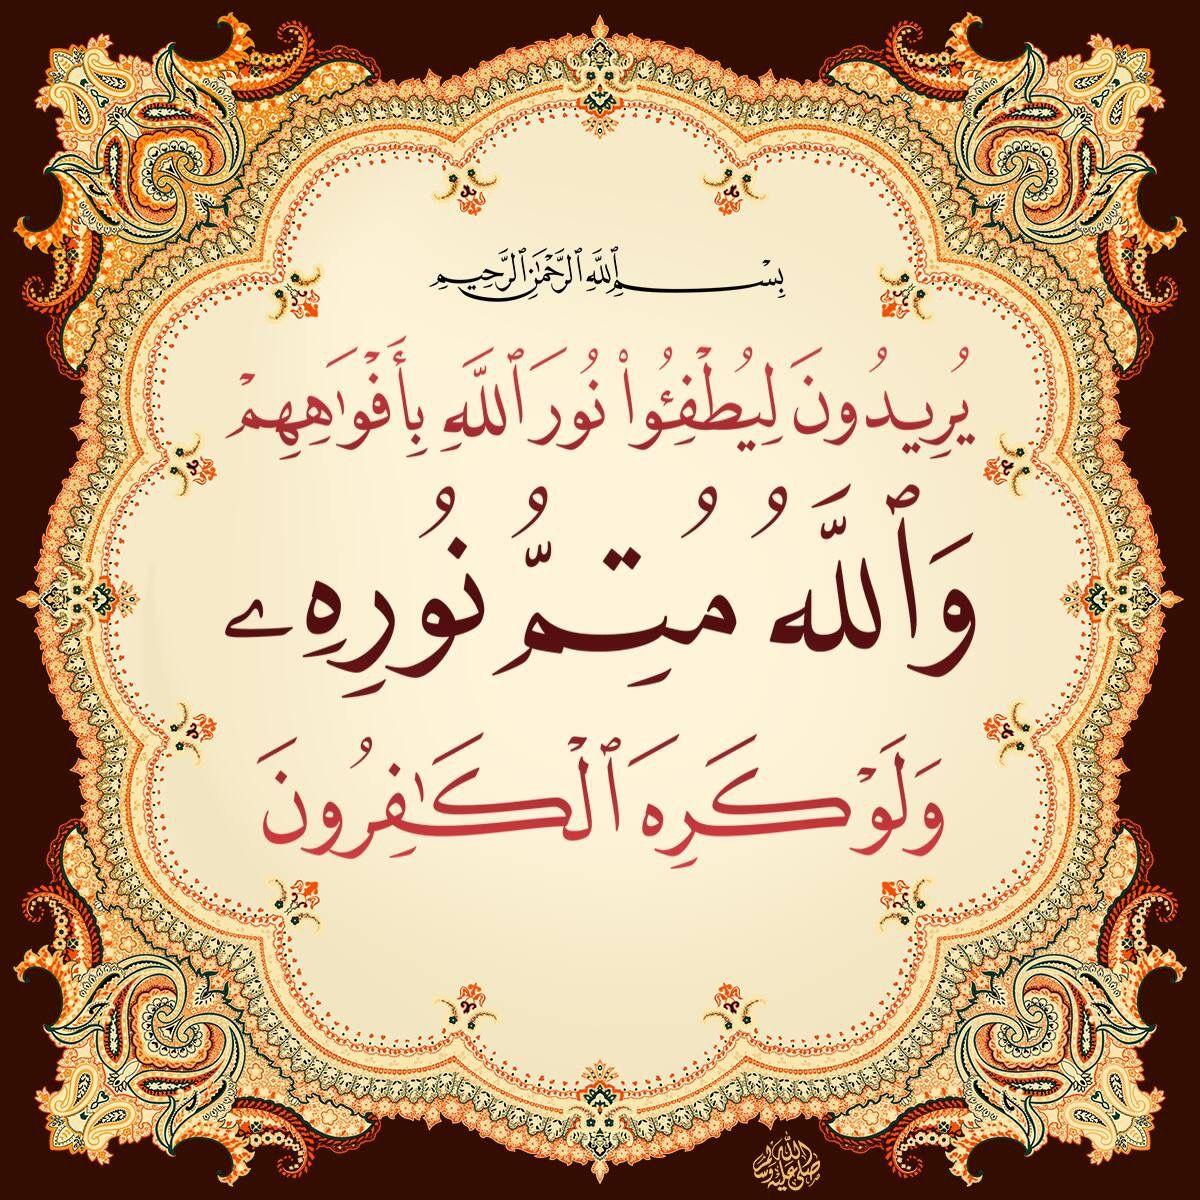 ٨ الصف Islamic Gifts Islamic Caligraphy Friday Pictures